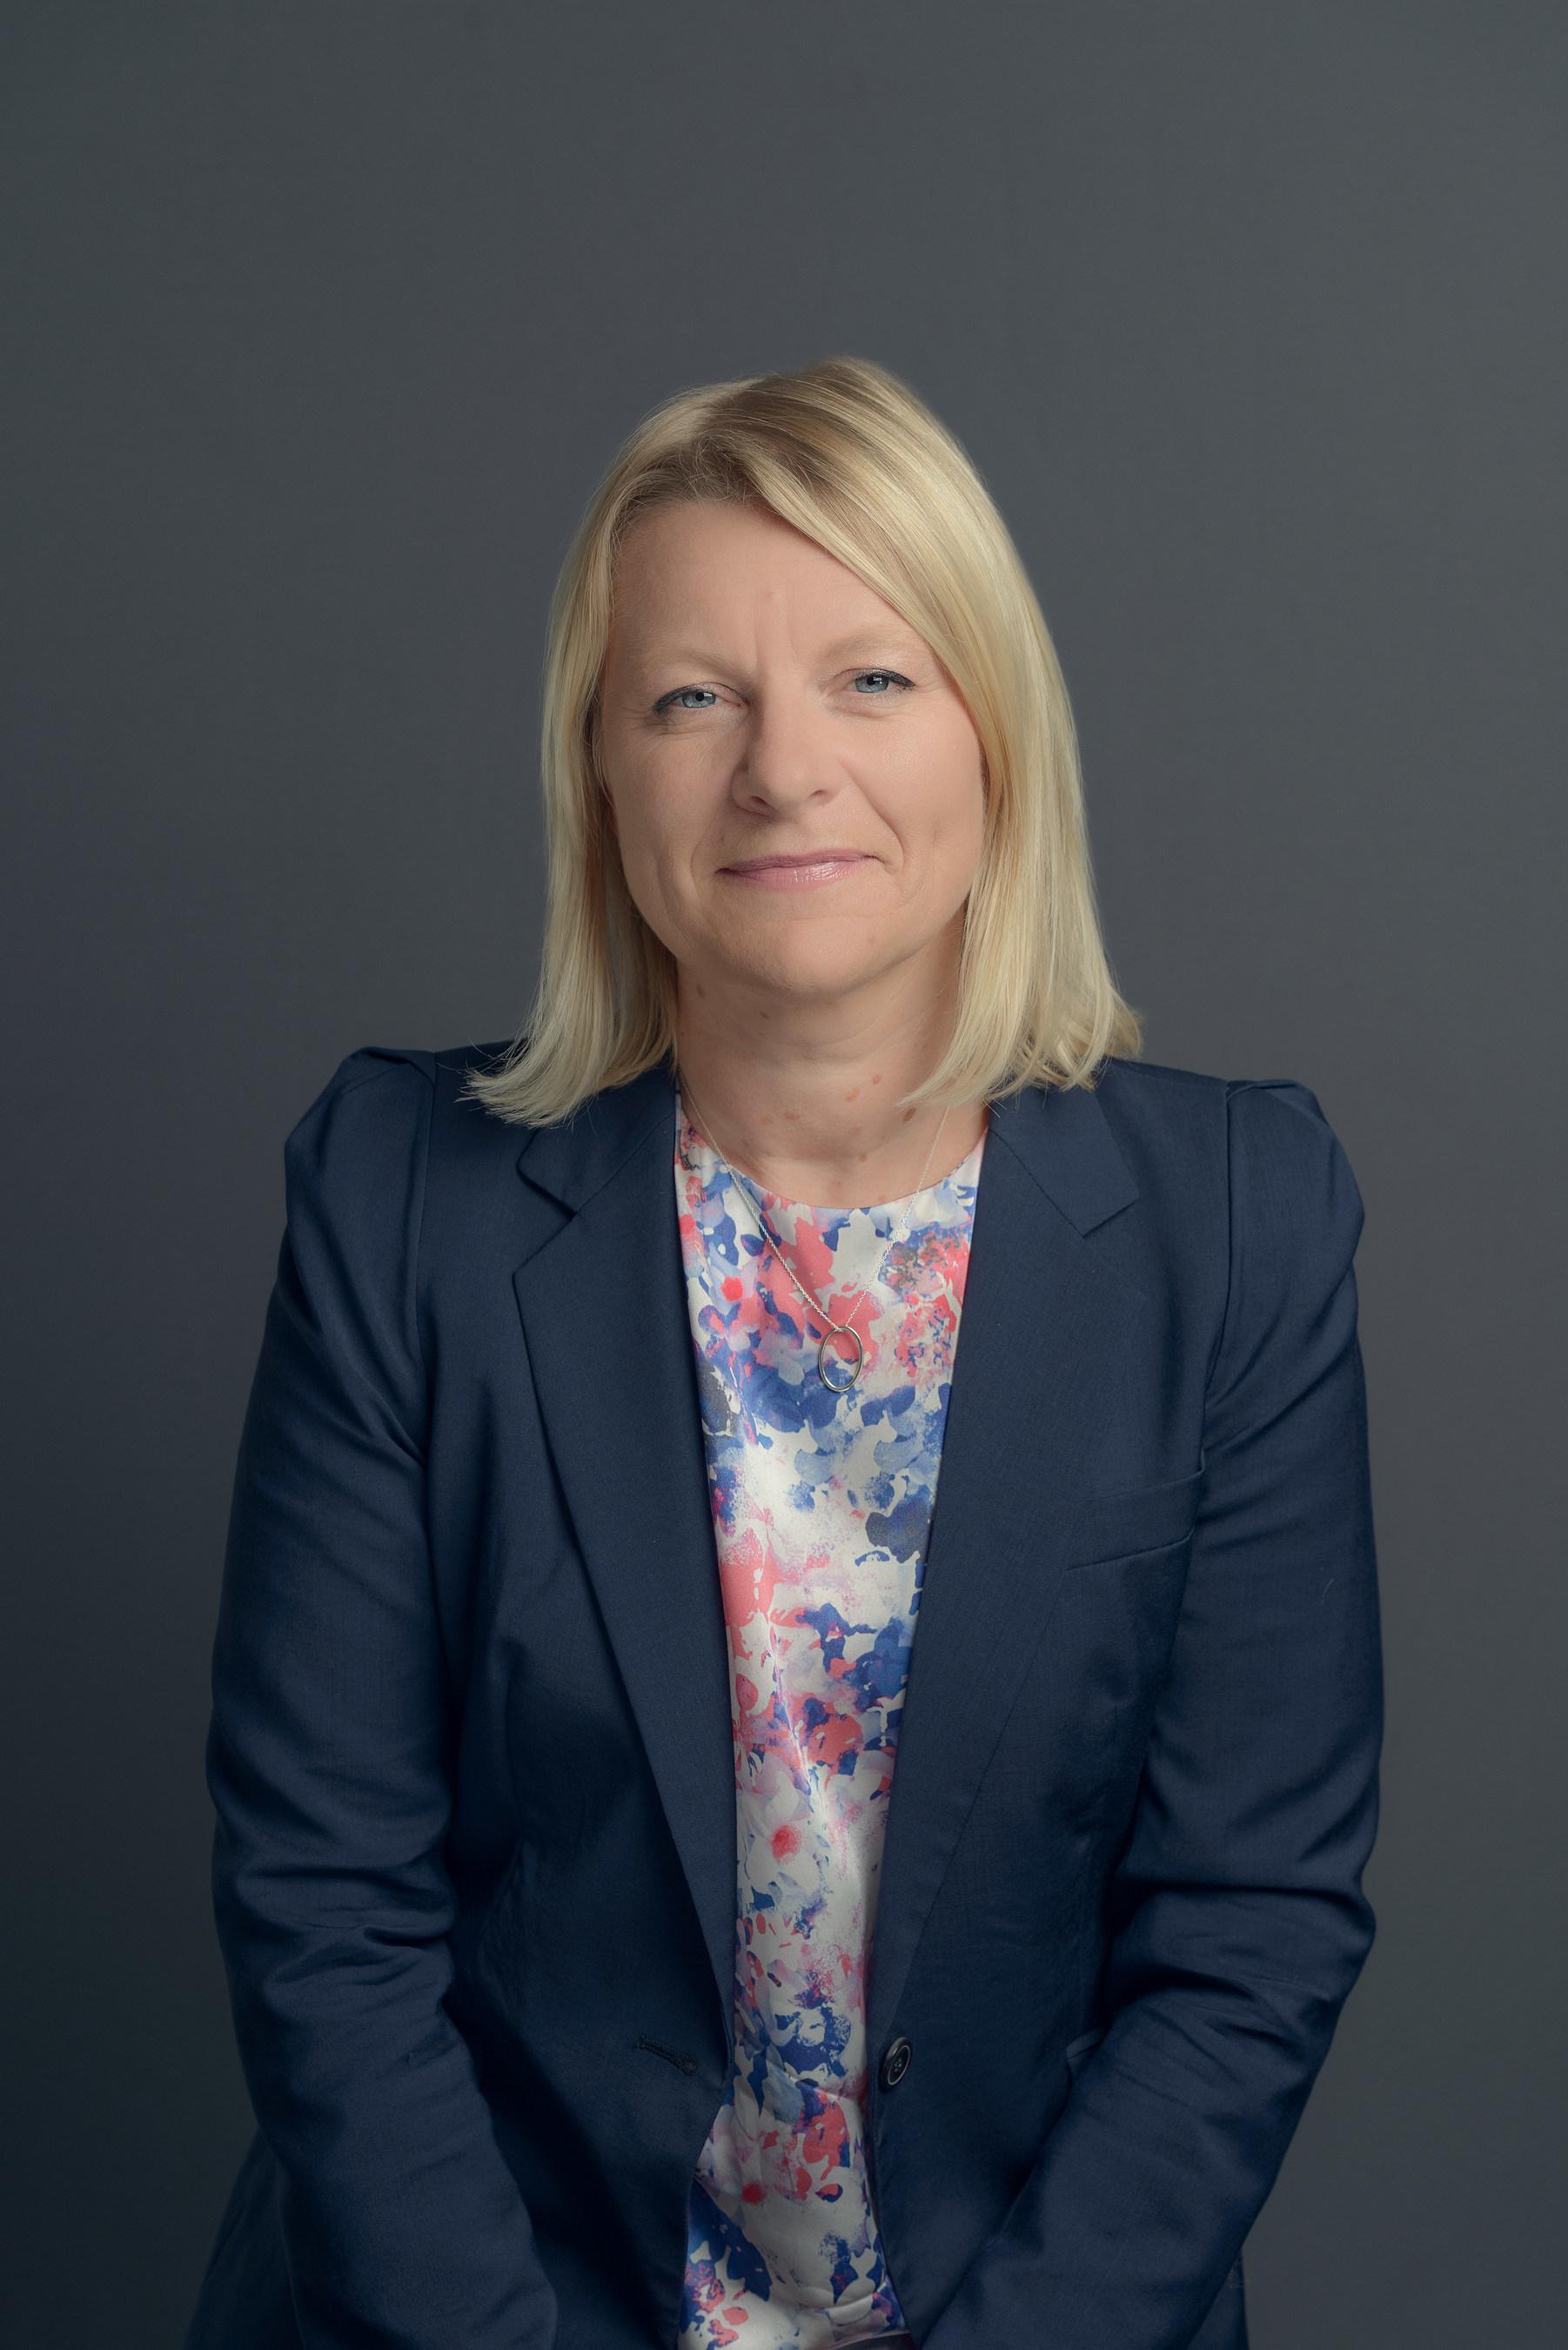 Richardson embauche une nouvelle directrice générale en Europe pour soutenir la croissance